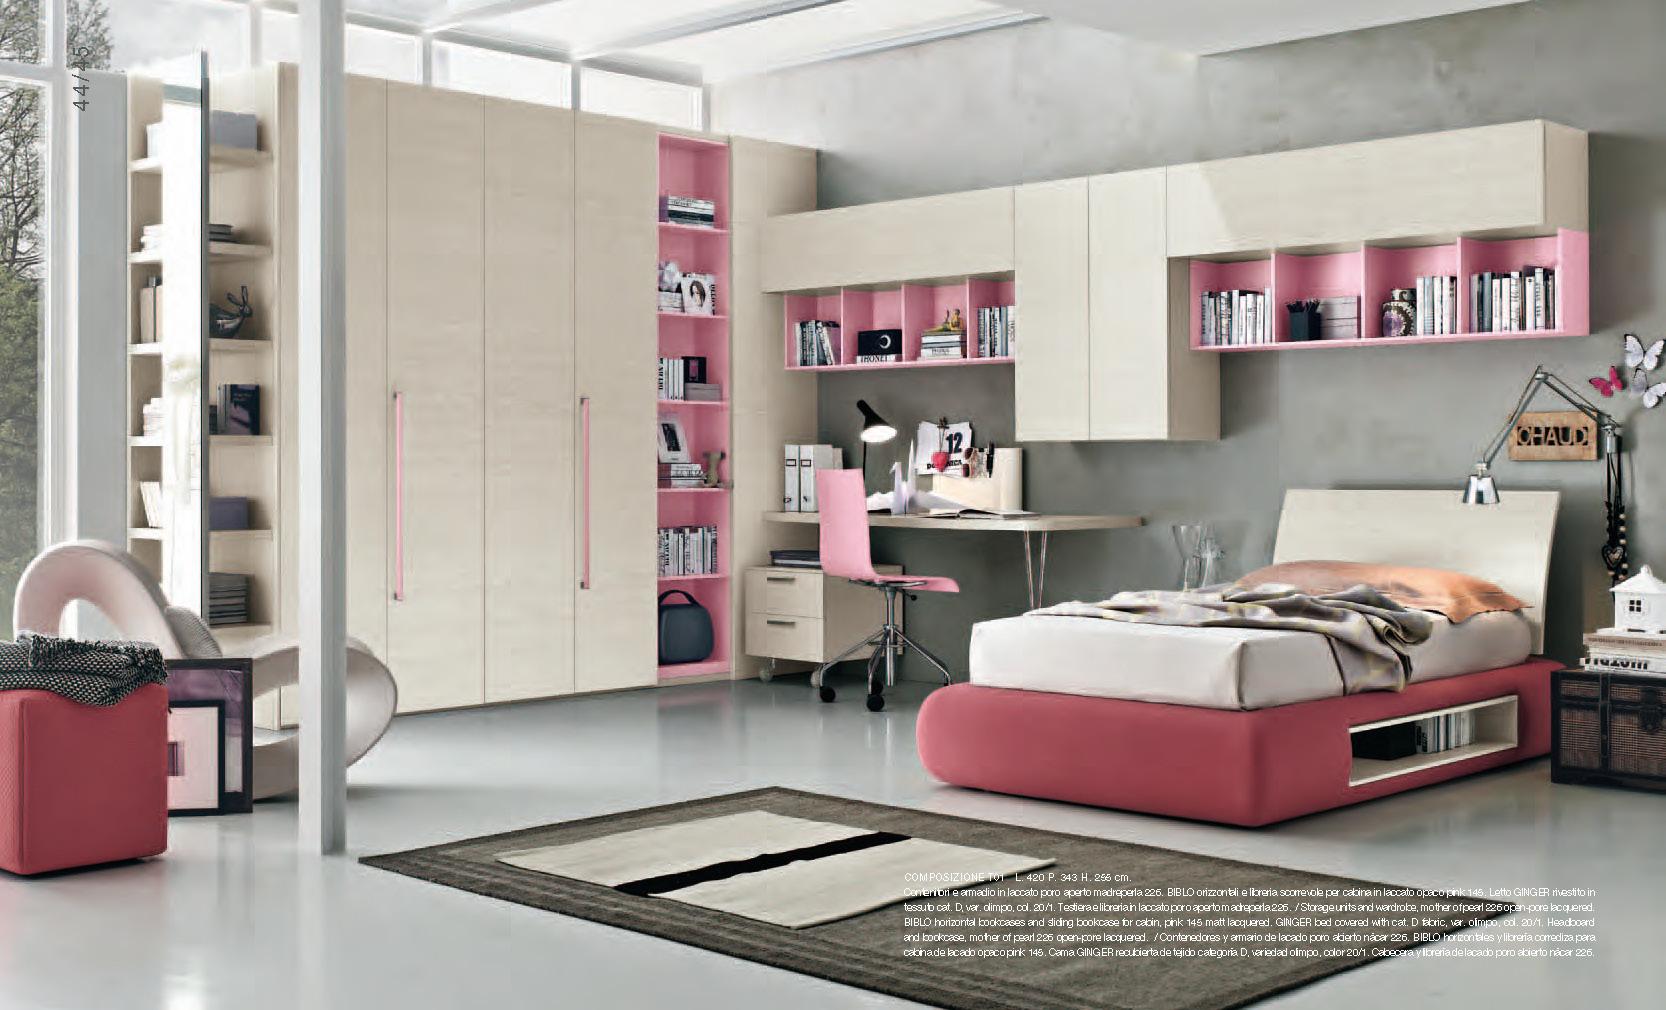 Cameretta Bianca E Blu : Cameretta bianca e rosa